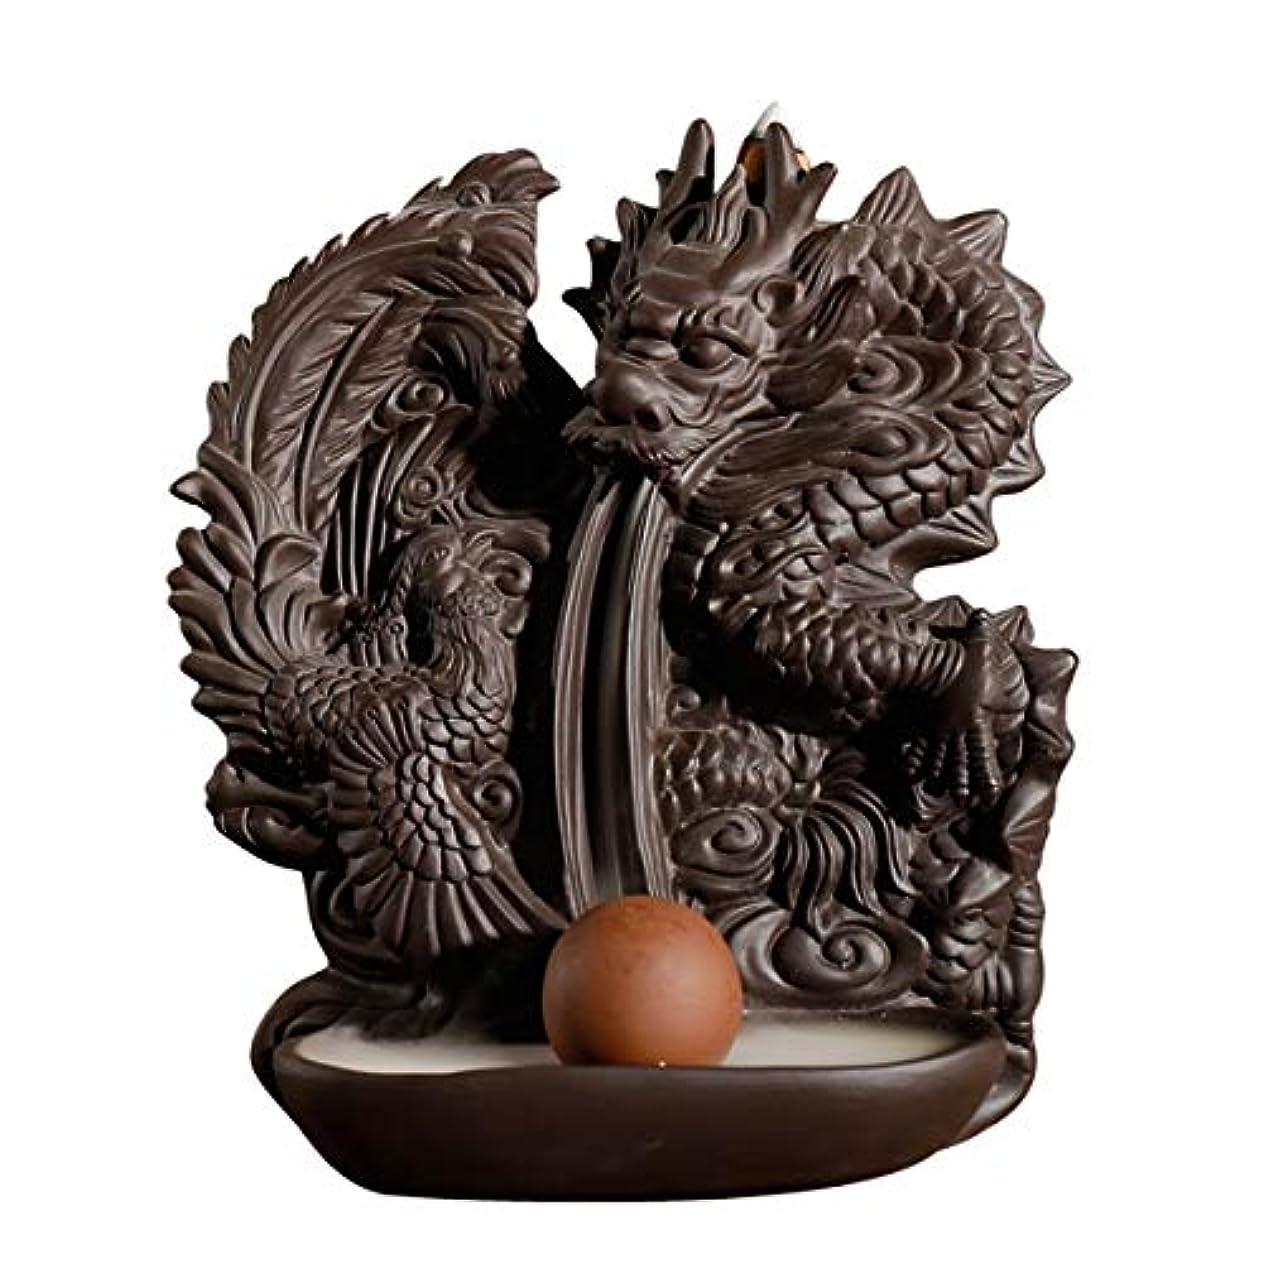 アクティビティがっかりする増加するドラゴン逆流香バーナー手作りセラミックドラゴン香ホルダービーズ香コーン理想的なギフト家の装飾